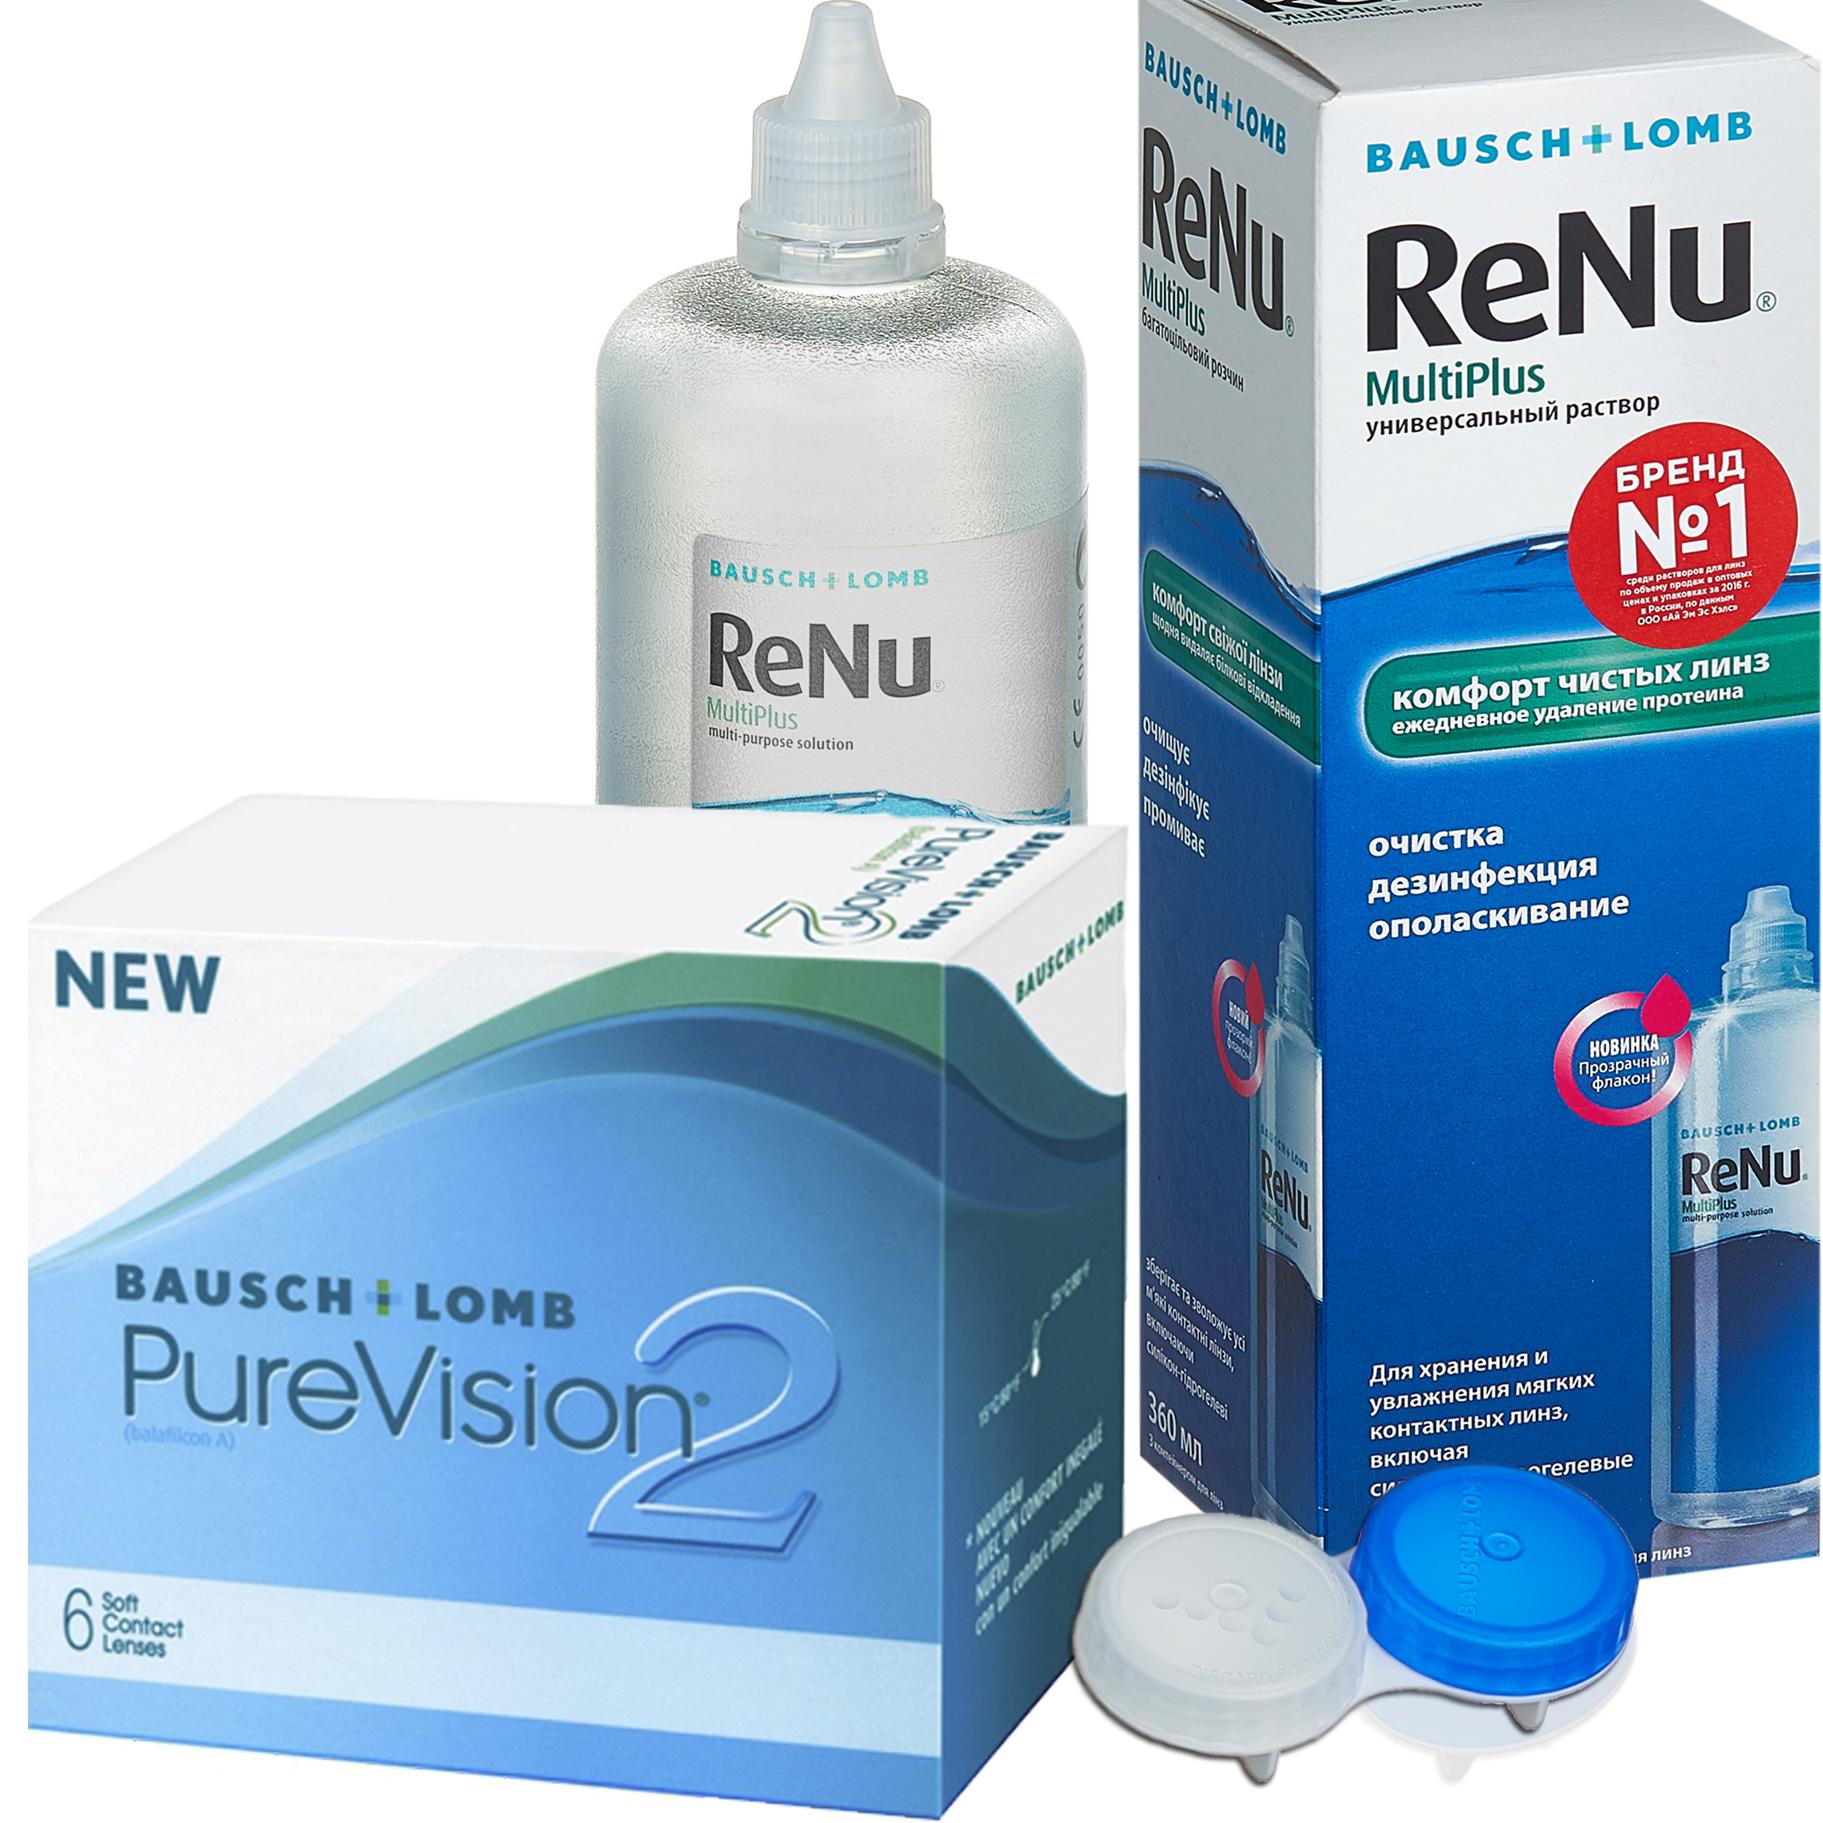 Купить 2 6 линз + ReNu MultiPlus, Контактные линзы PureVision 2 6 линз R 8.6 +4, 75 + Раствор ReNu Multi Plus 360 мл